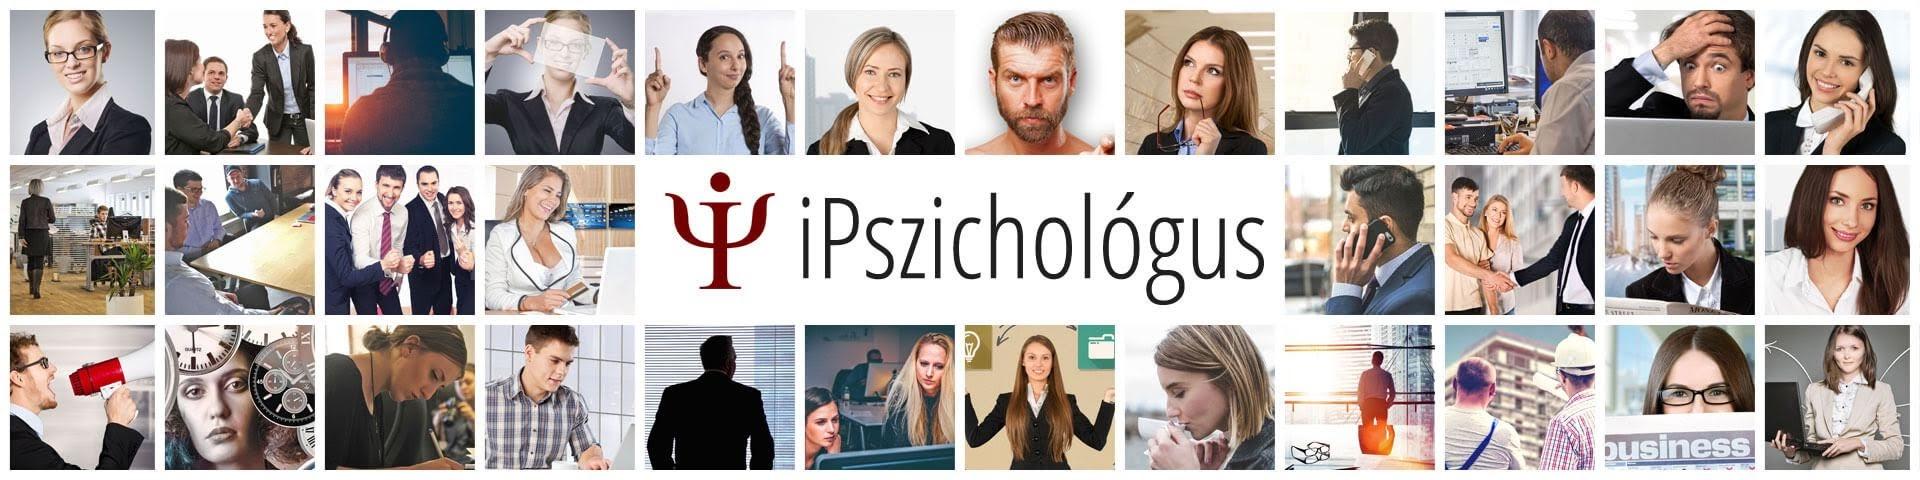 pszichológus konzultáció először változik, amikor leszoktam a dohányzásról